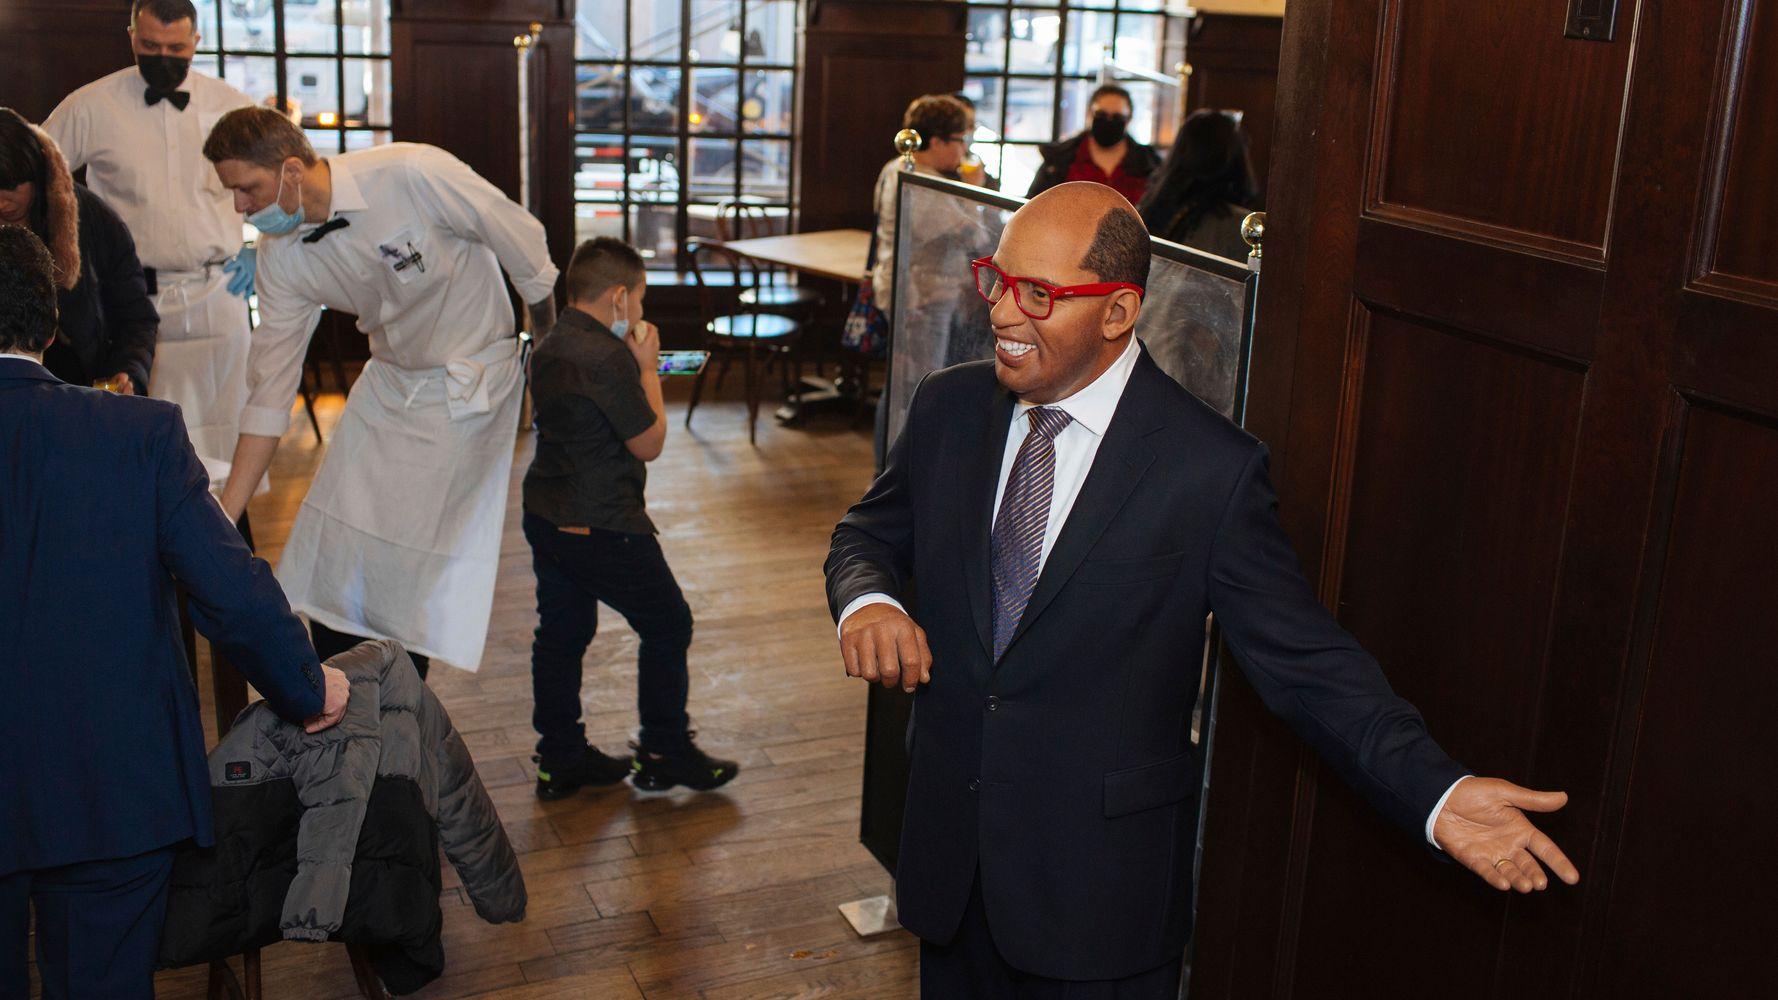 Восковые статуи знаменитостей смешиваются с гостями в стейк-хаусе Нью-Йорка